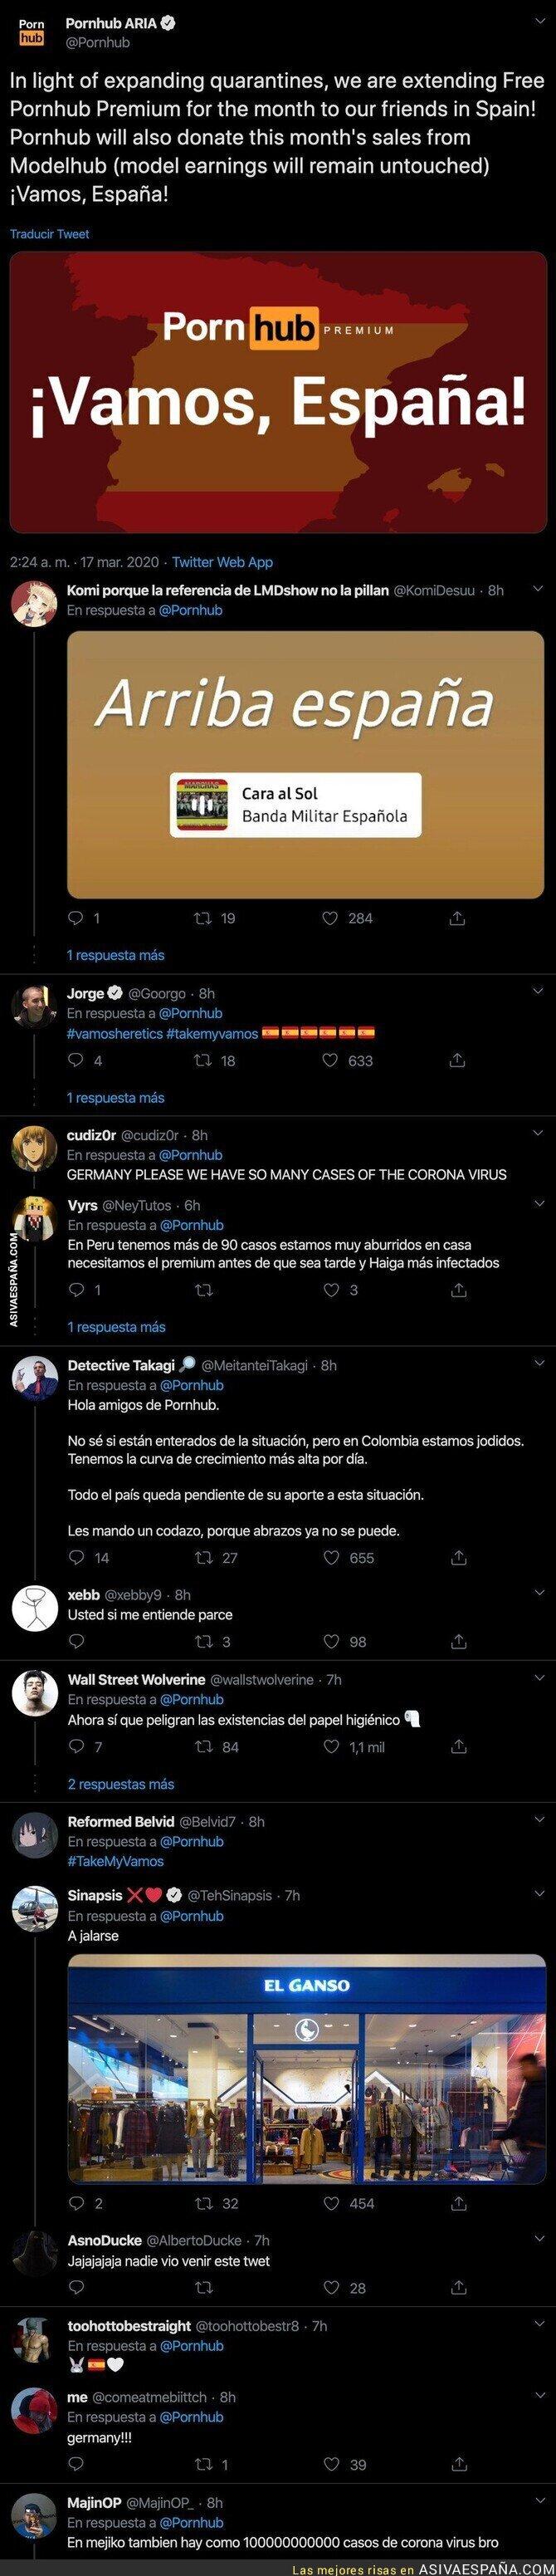 138377 - 'Pornhub' acaba de hacer un anuncio para toda España por el coronavirus que hará más llevadera la cuarentena a toda la población